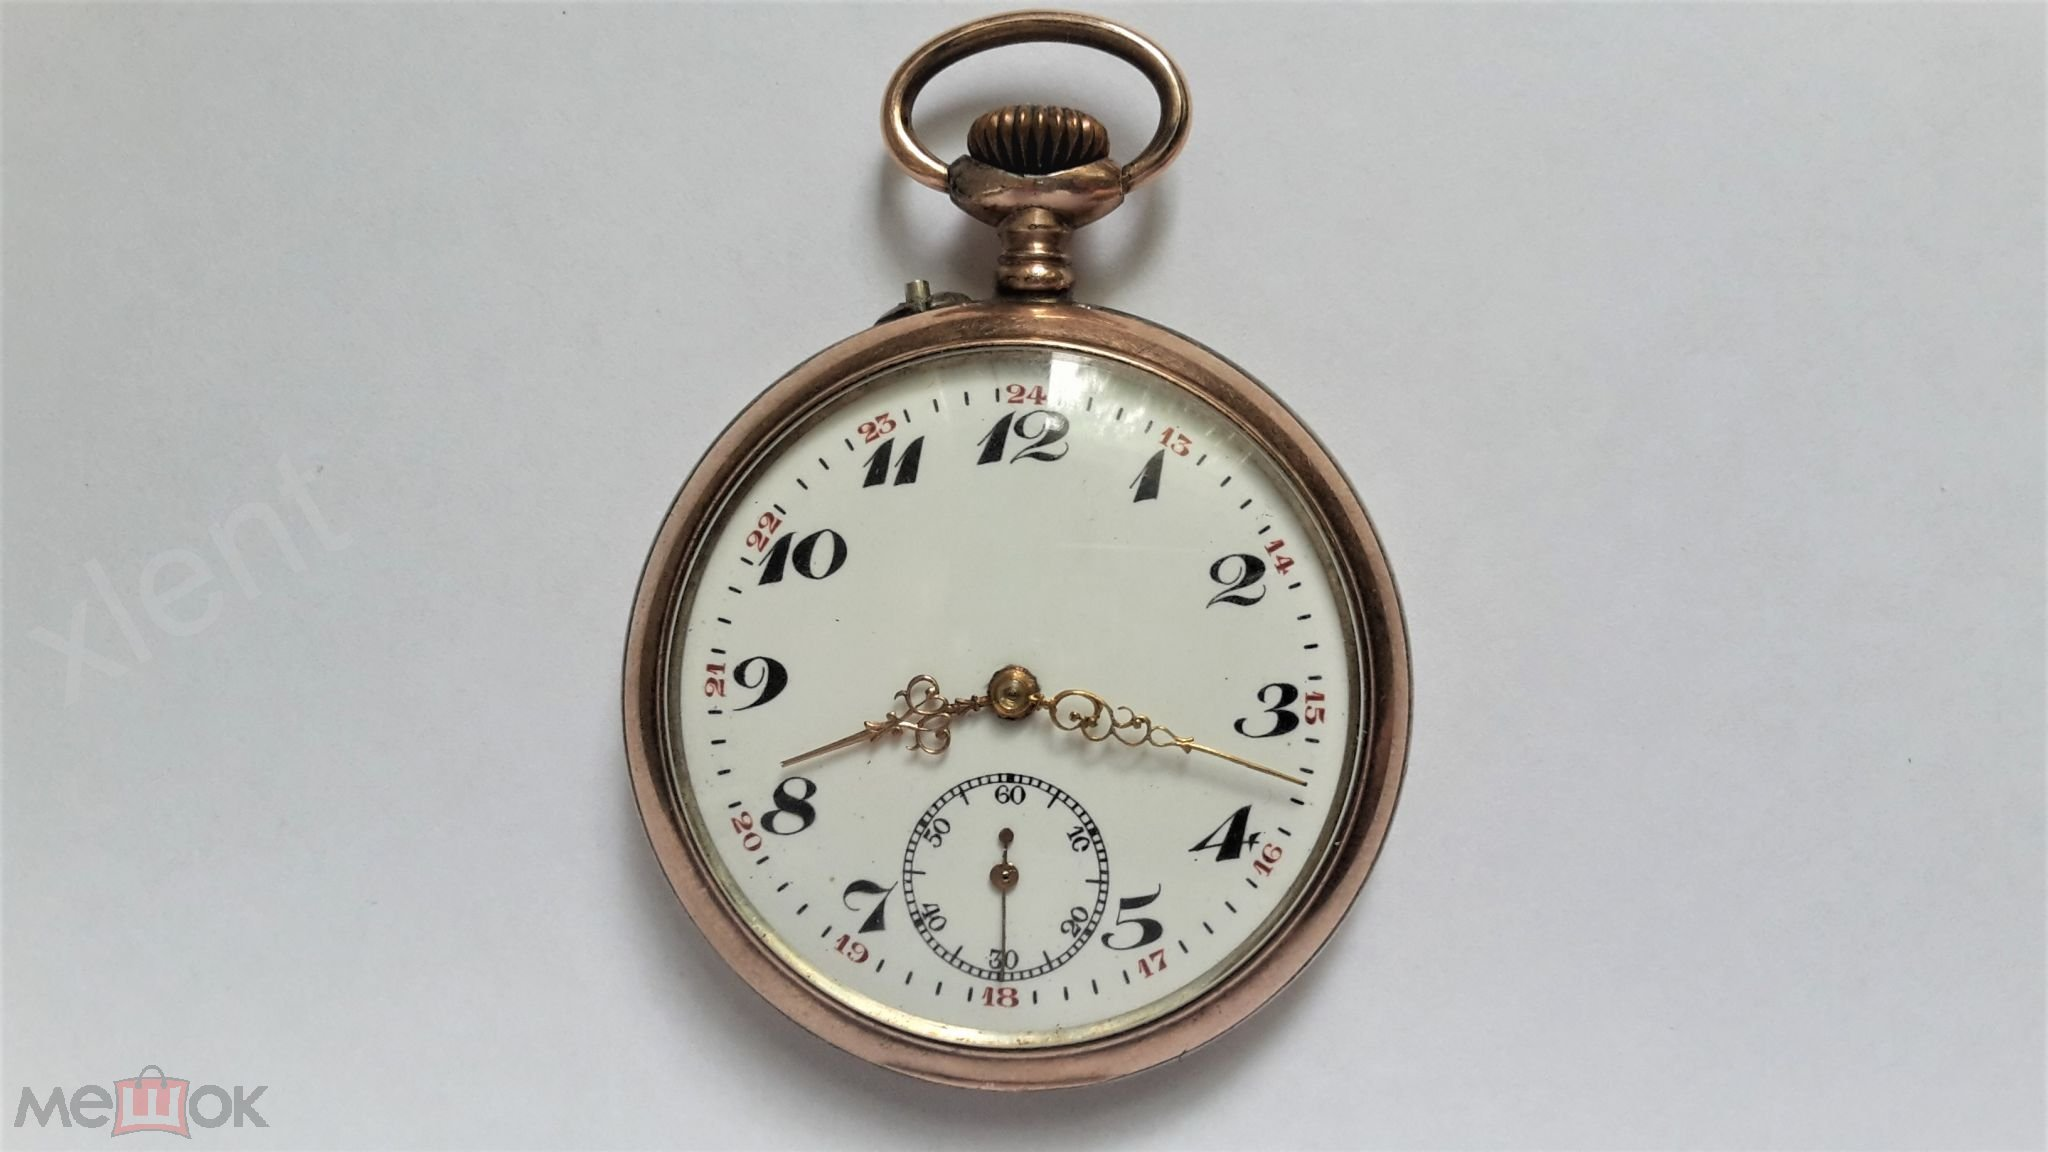 Коллекционные часы в корпусе из золота и серебра.